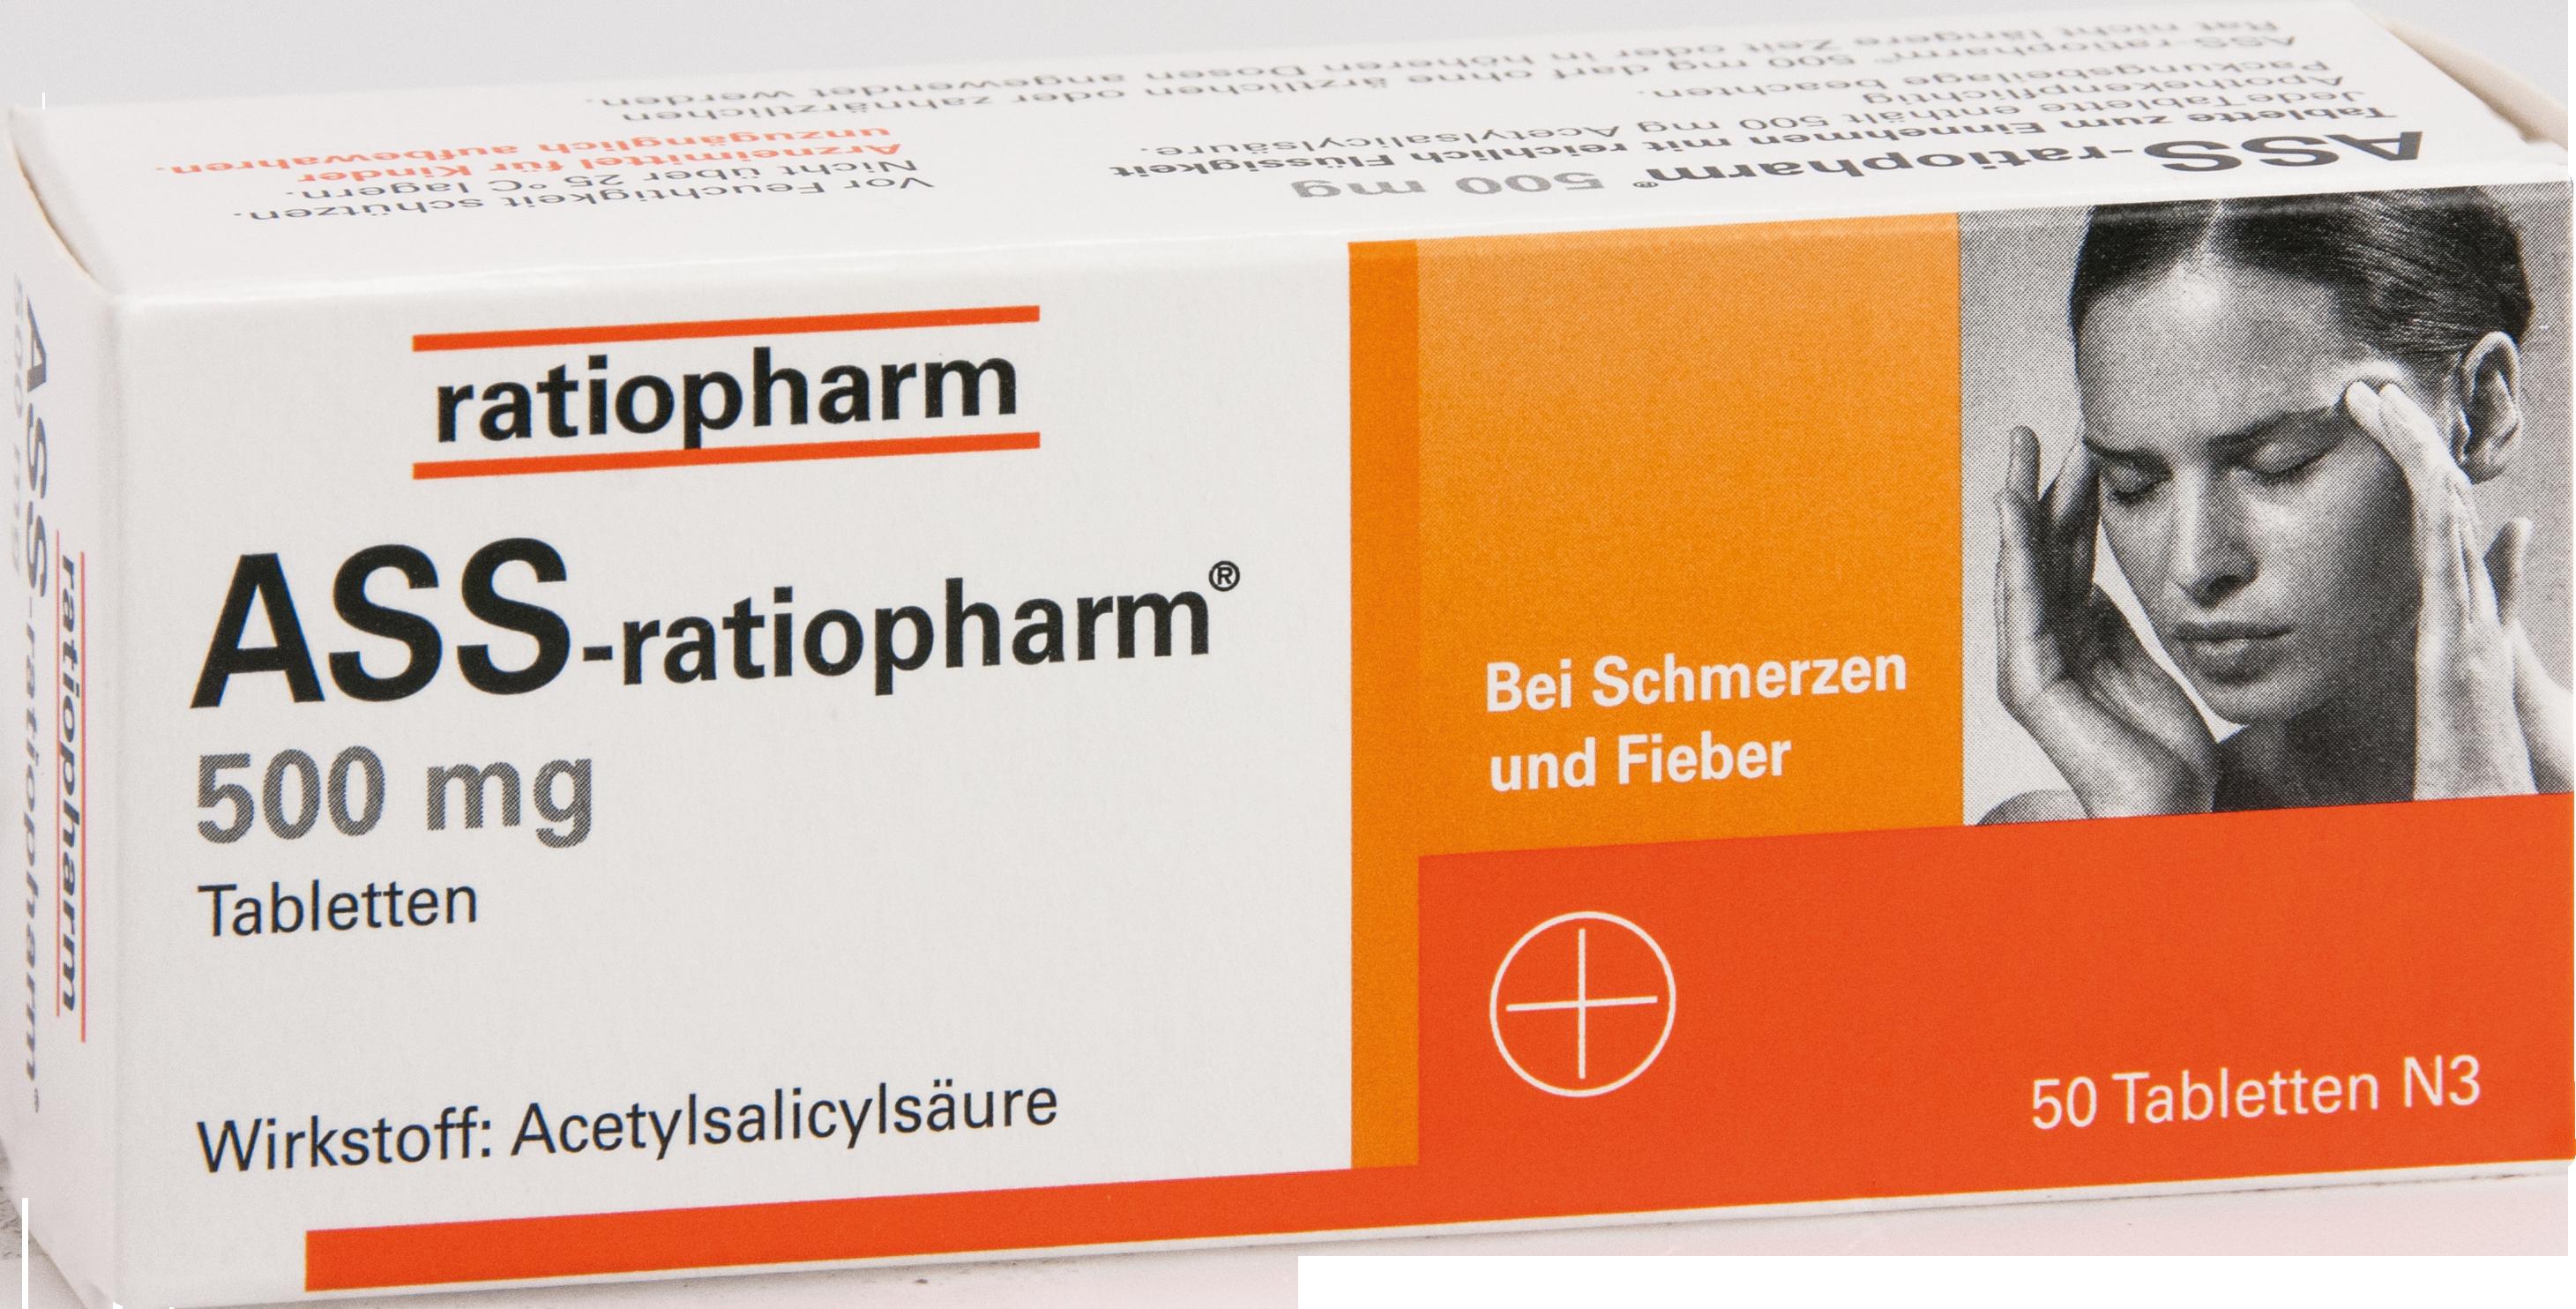 ASS-ratiopharm 500 mg